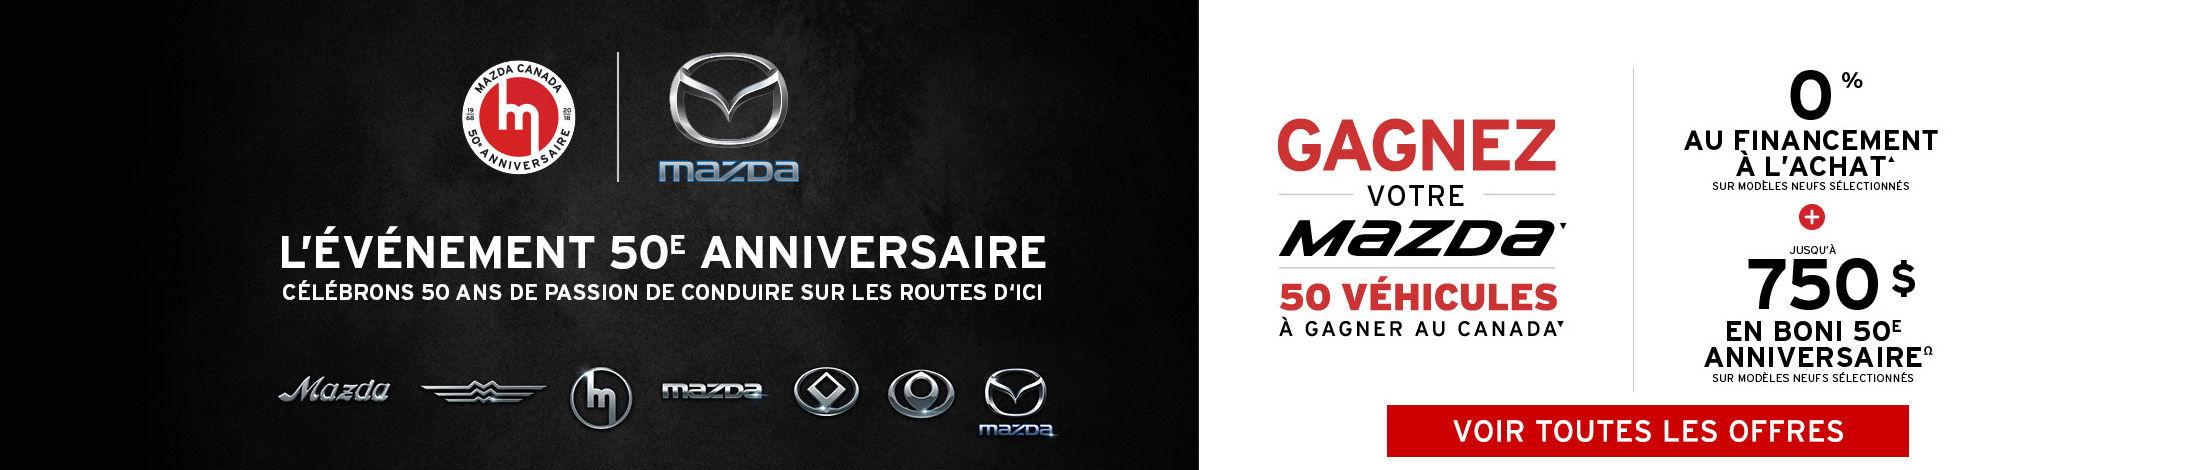 L'événement 50e anniversaire Mazda